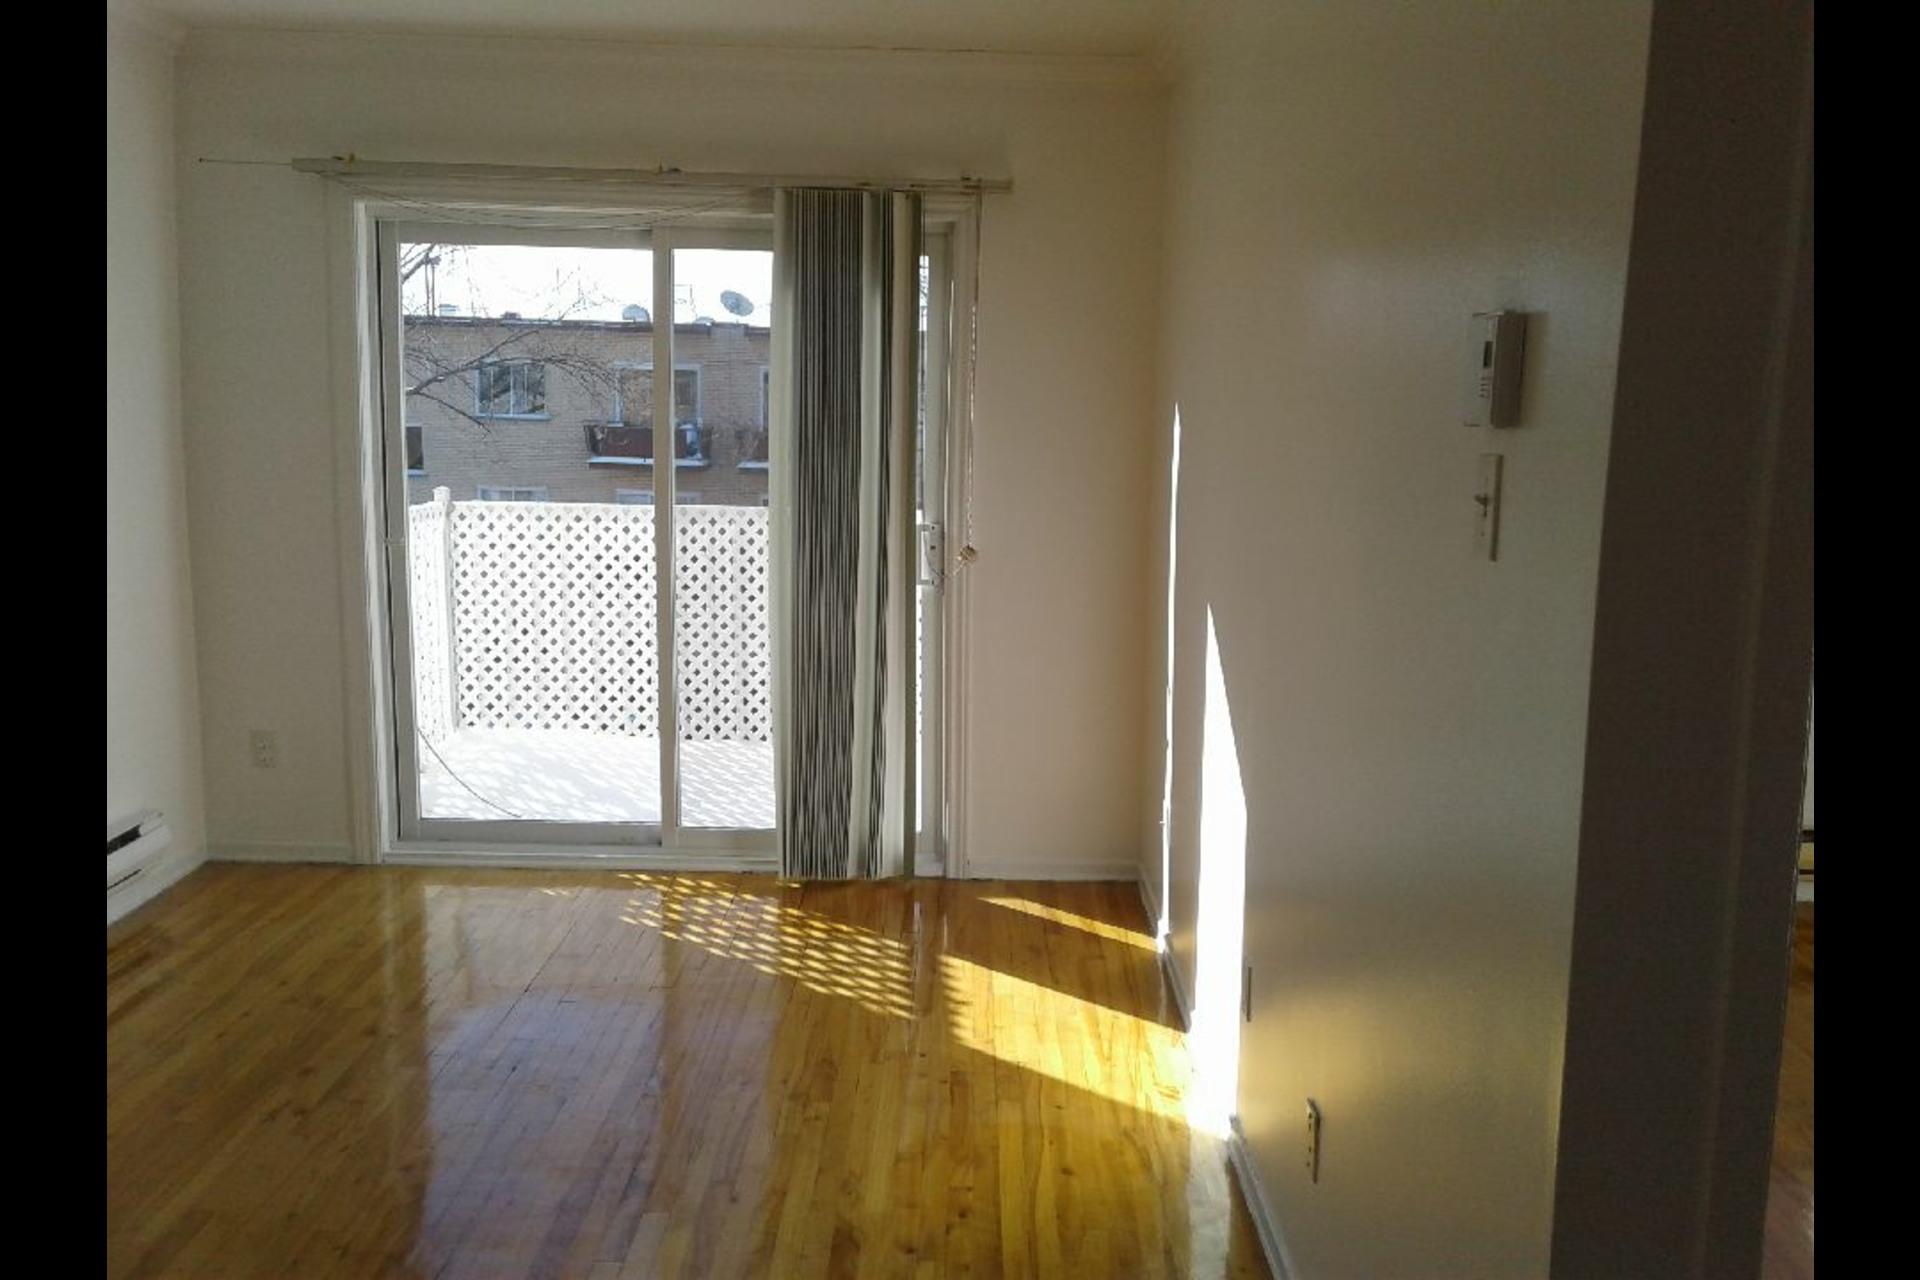 image 0 - Appartement À louer Montréal Montréal-Nord - 4 pièces